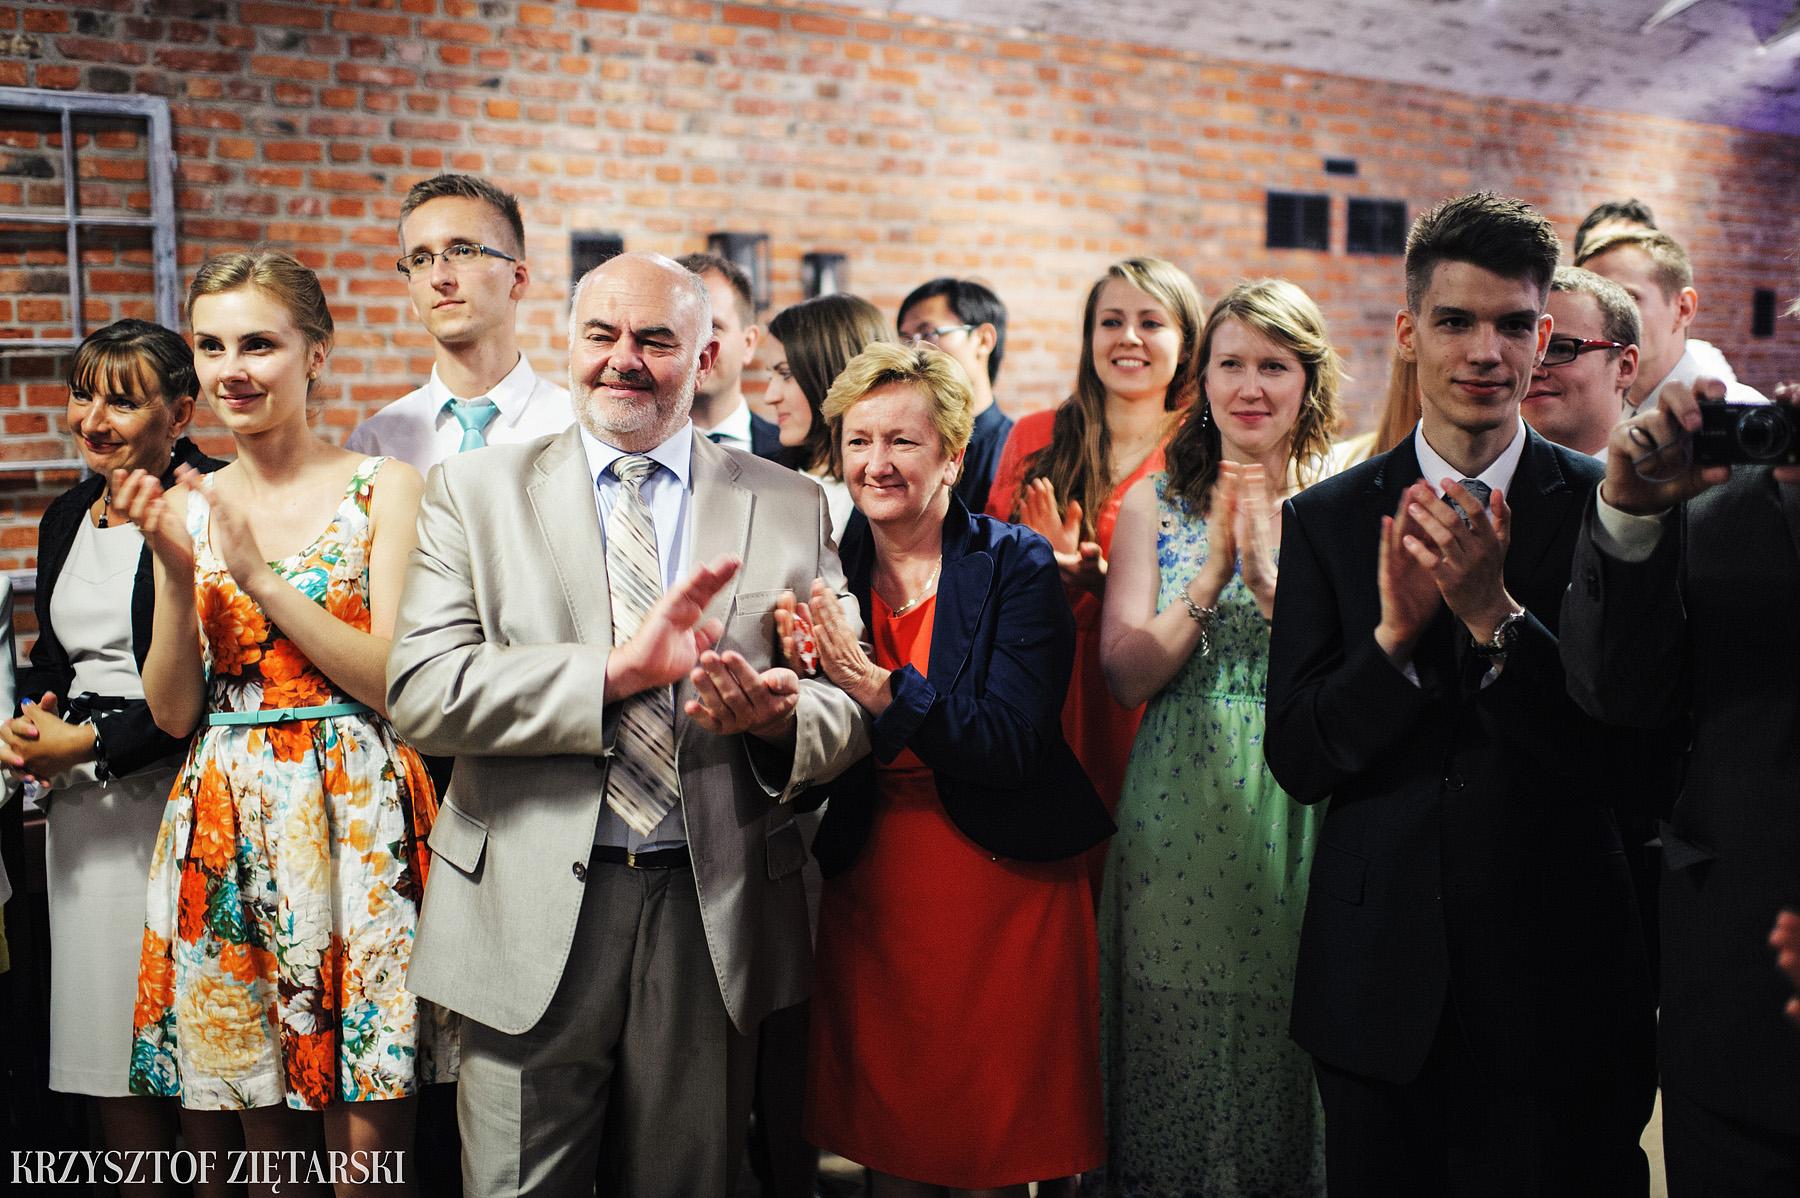 Justyna i Konrad - Fotografia ślubna Gdańsk, Kościół św.Ignacego Stare Szkoty, Restauracja Tabun Otomin - 77.